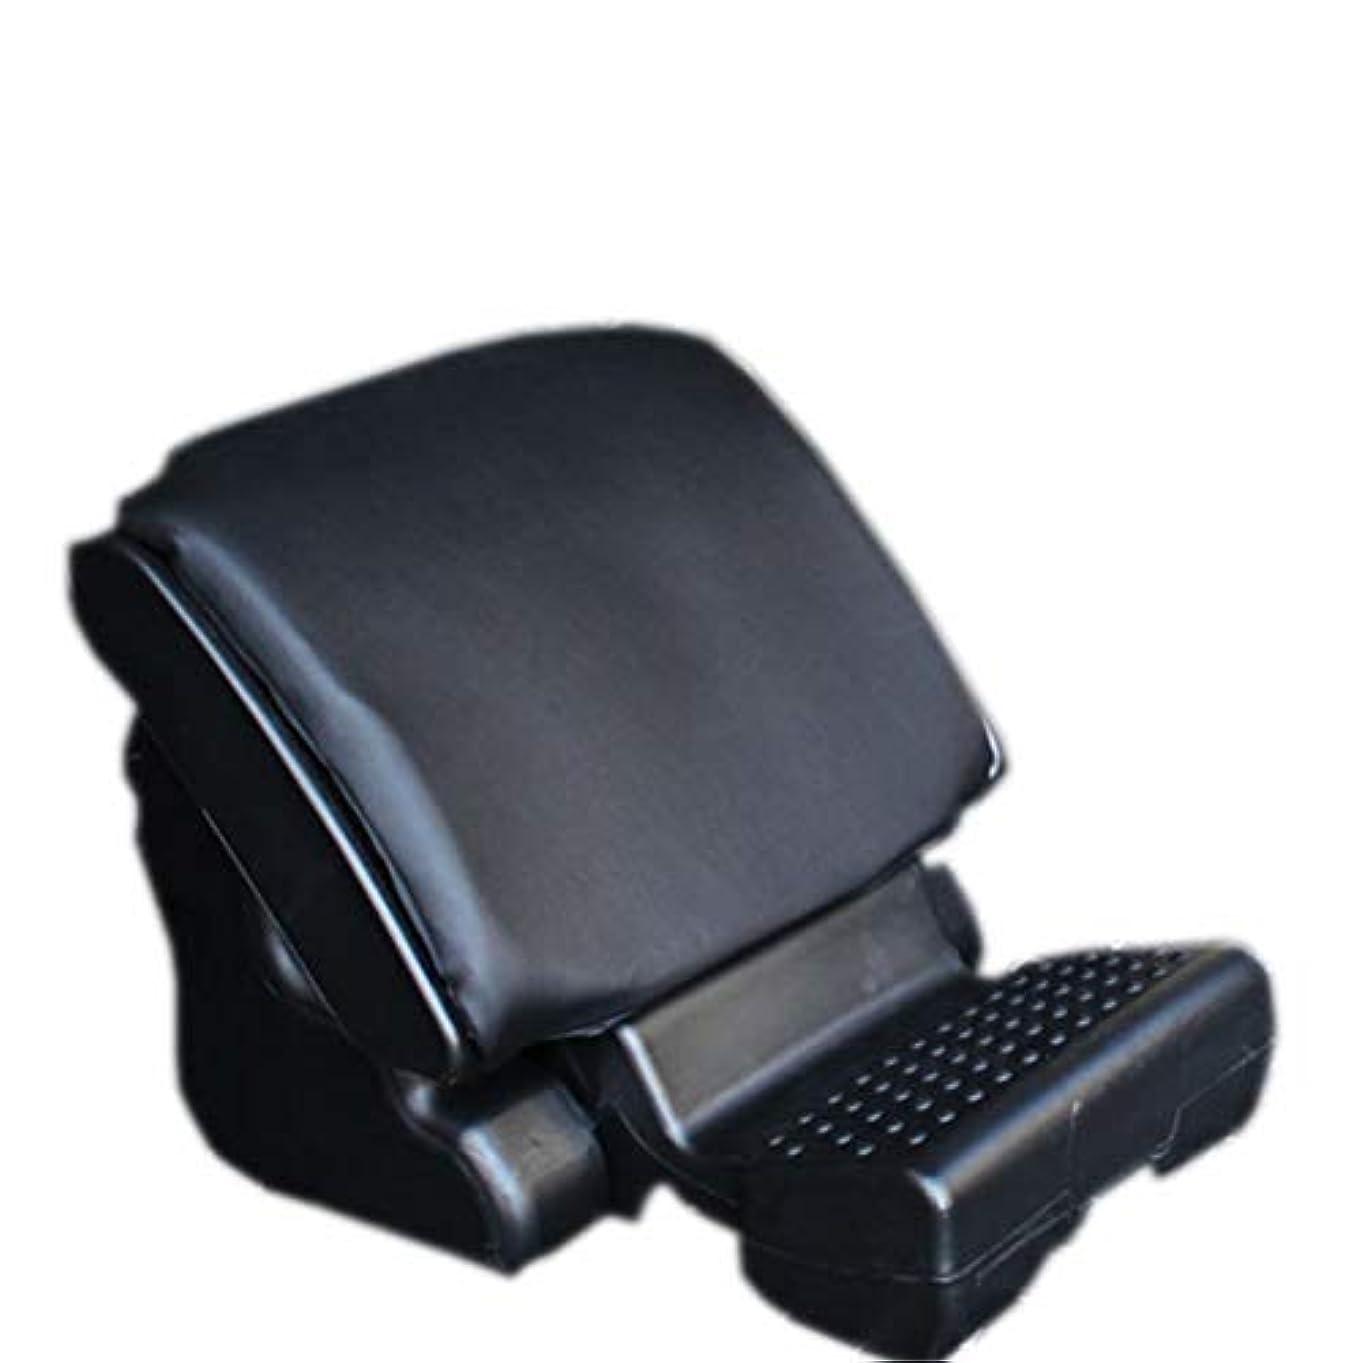 力強い飛行場移動車の座席フットレストパッド、車のための人間工学的の足のマッサージのクッション、家、オフィス、よりよい循環のための高い足,Black